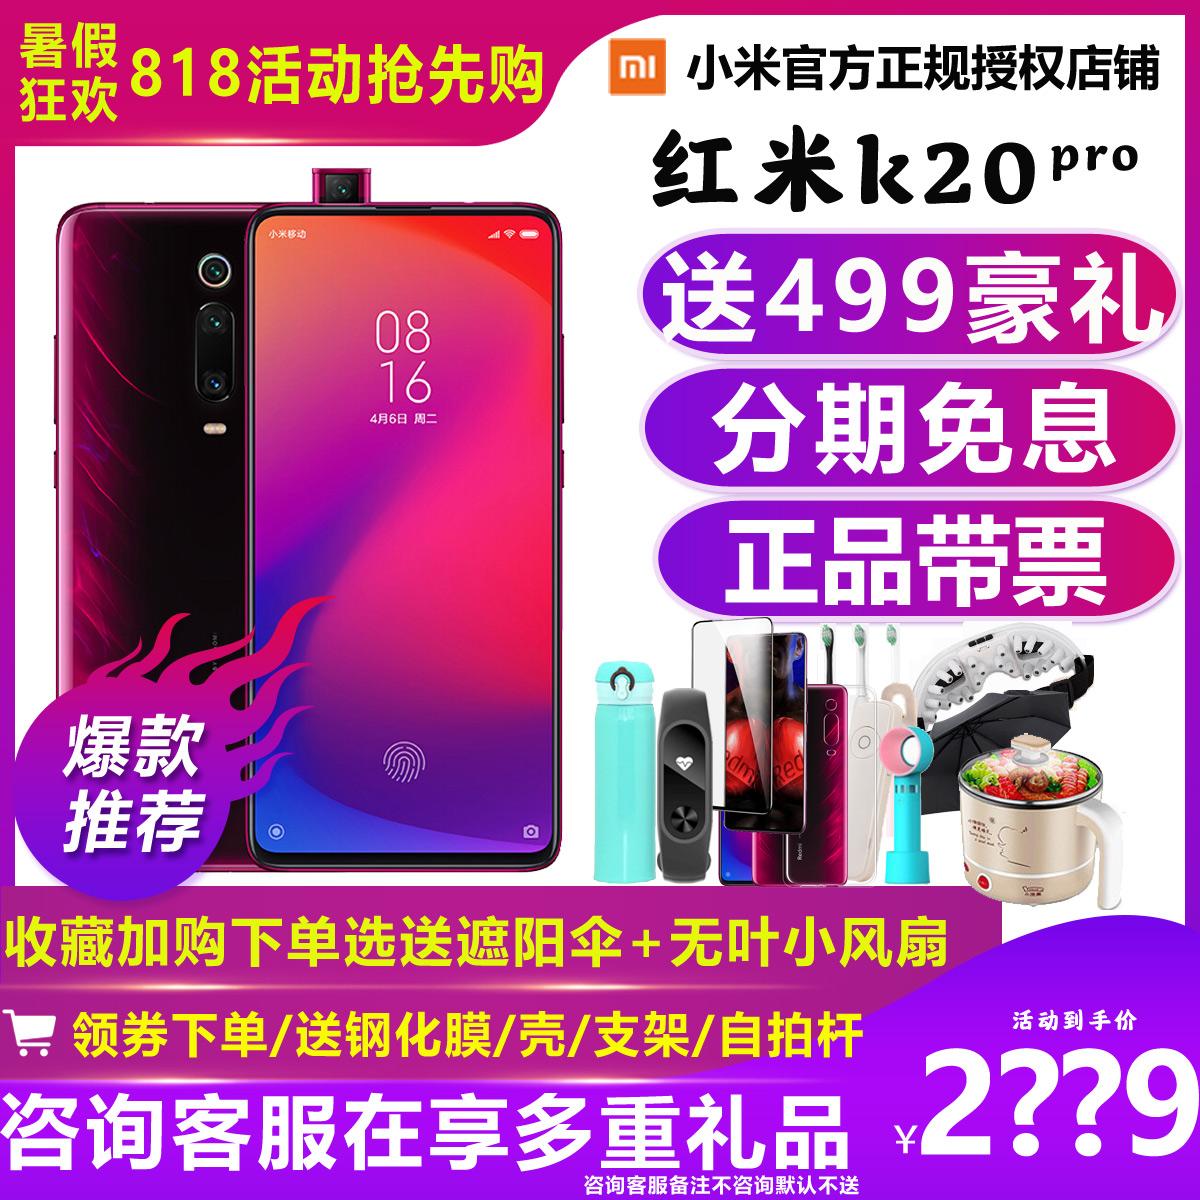 手机 9se 9 正品旗舰机米 cc9 手机小米官方旗舰店 K20Pro 红米 小米 送多重礼 领券下单立减 分期免息